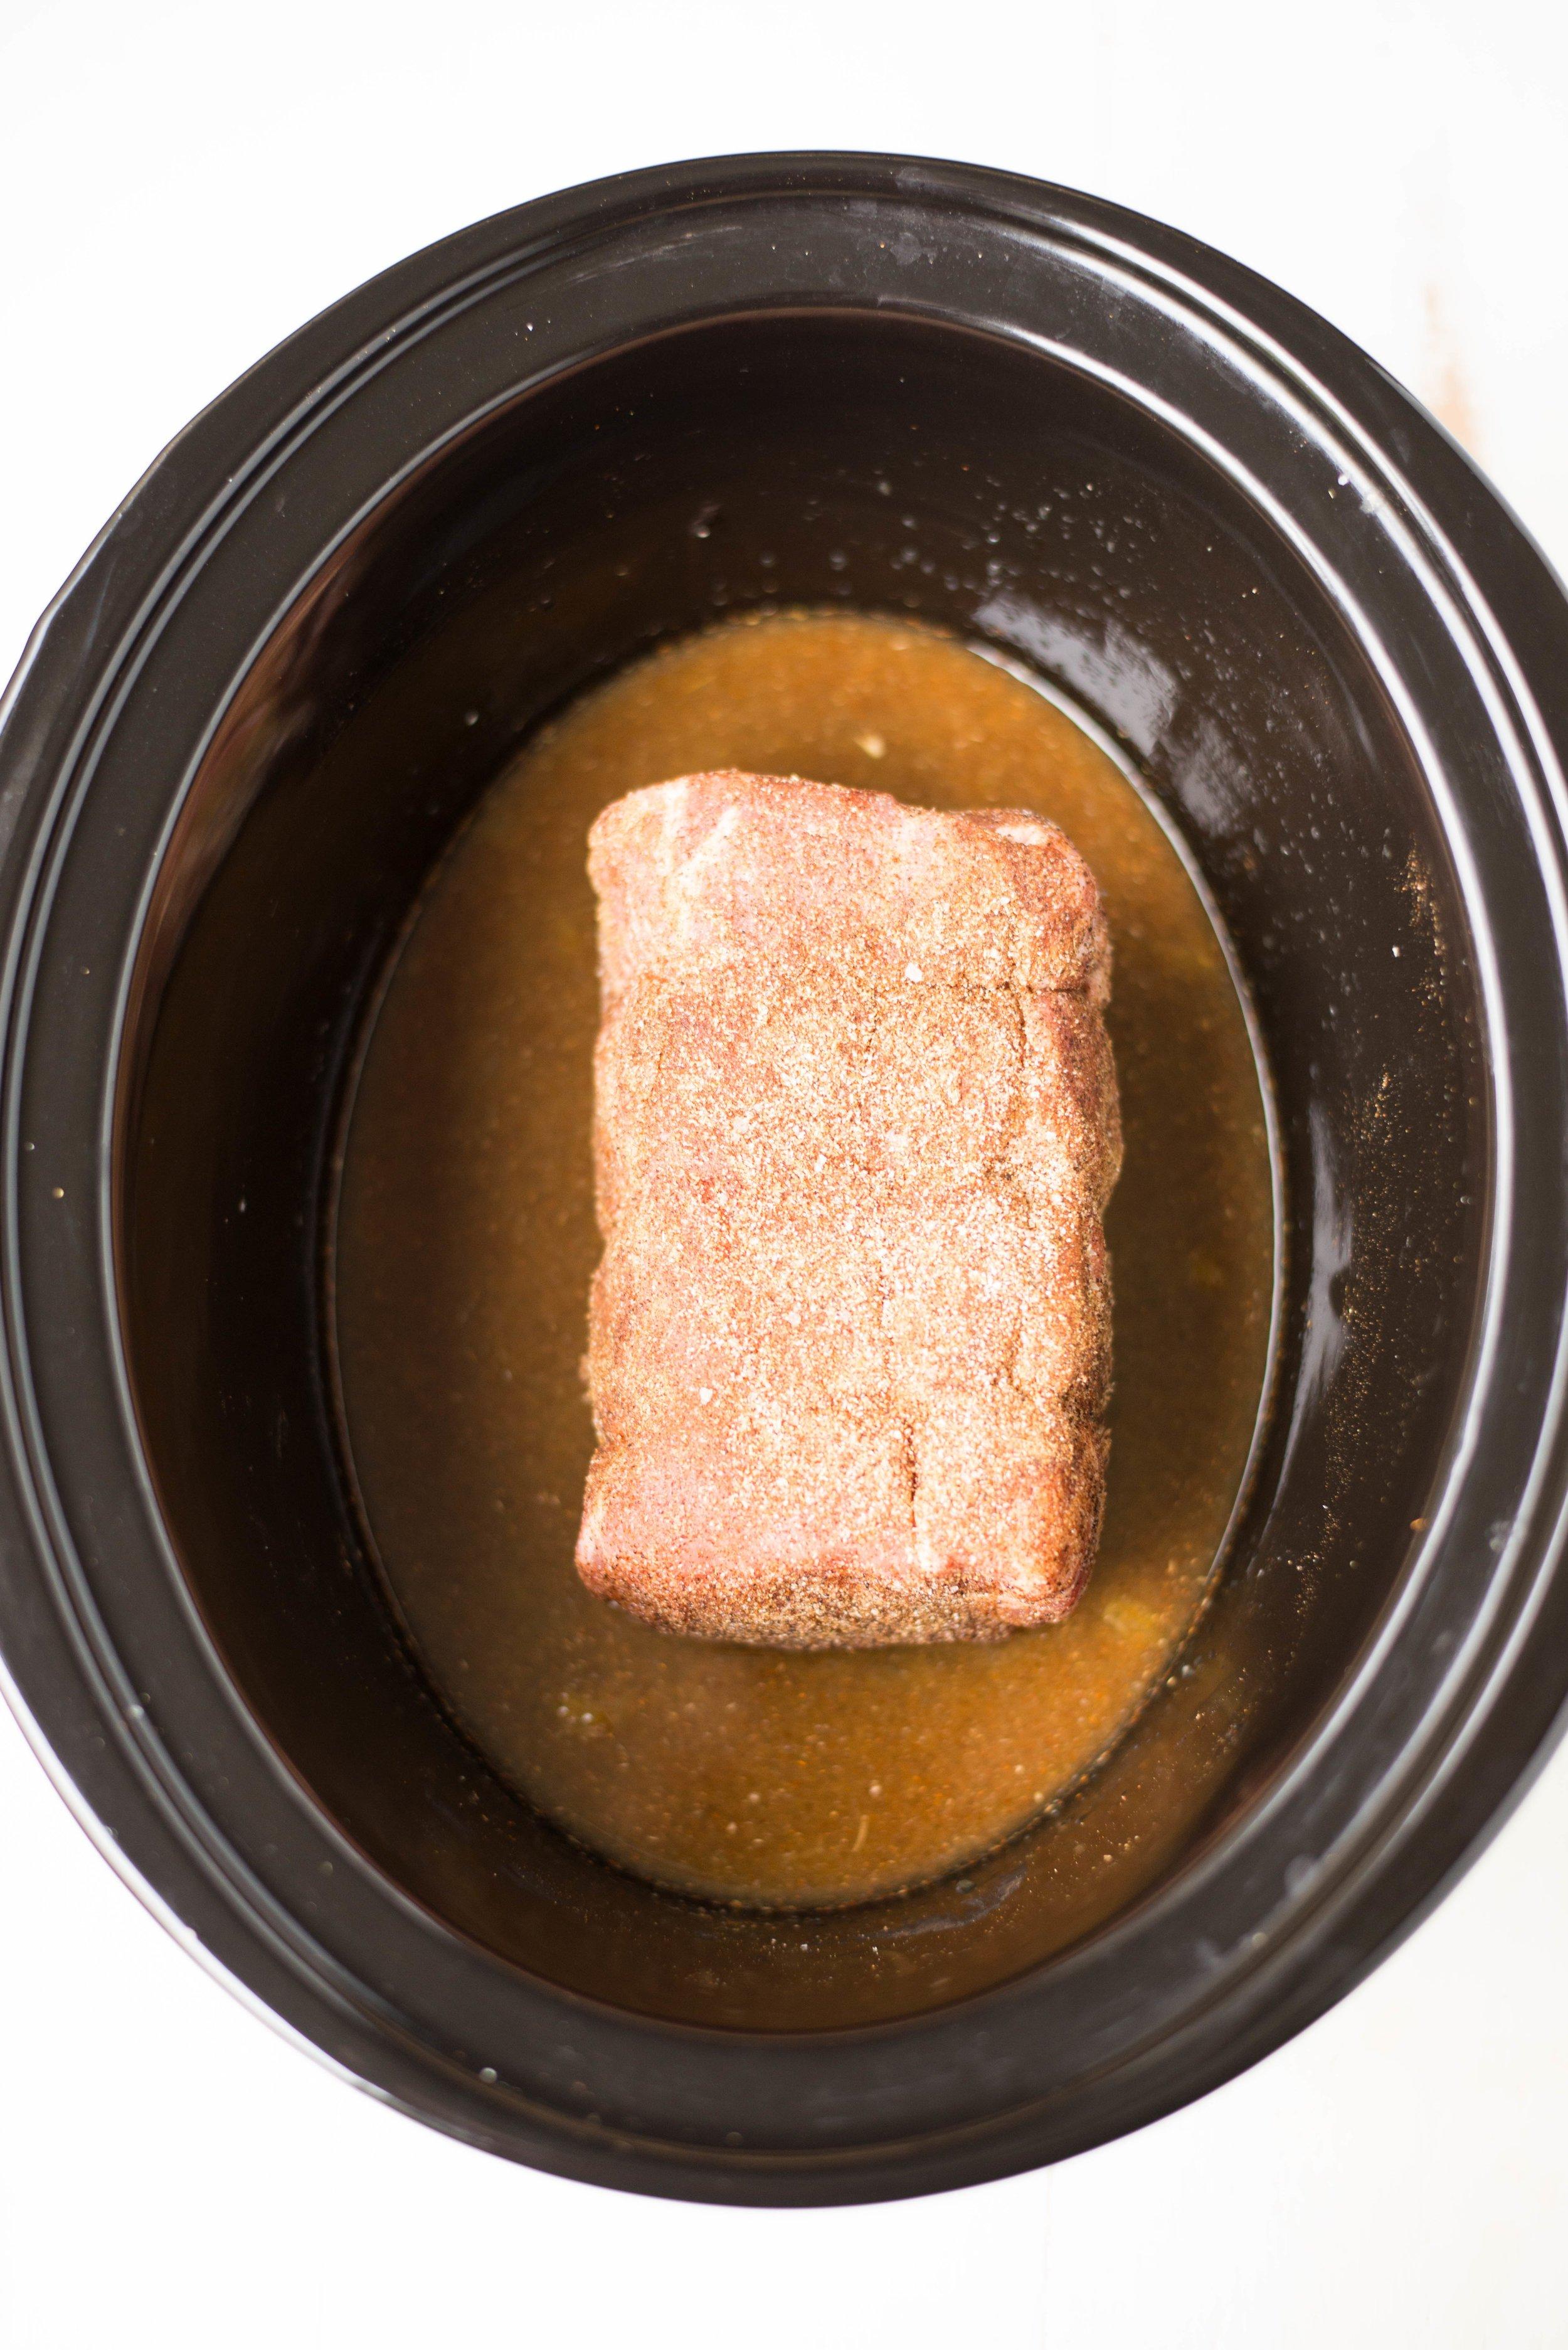 pork shoulder in black slow cooker with orange juice and spices